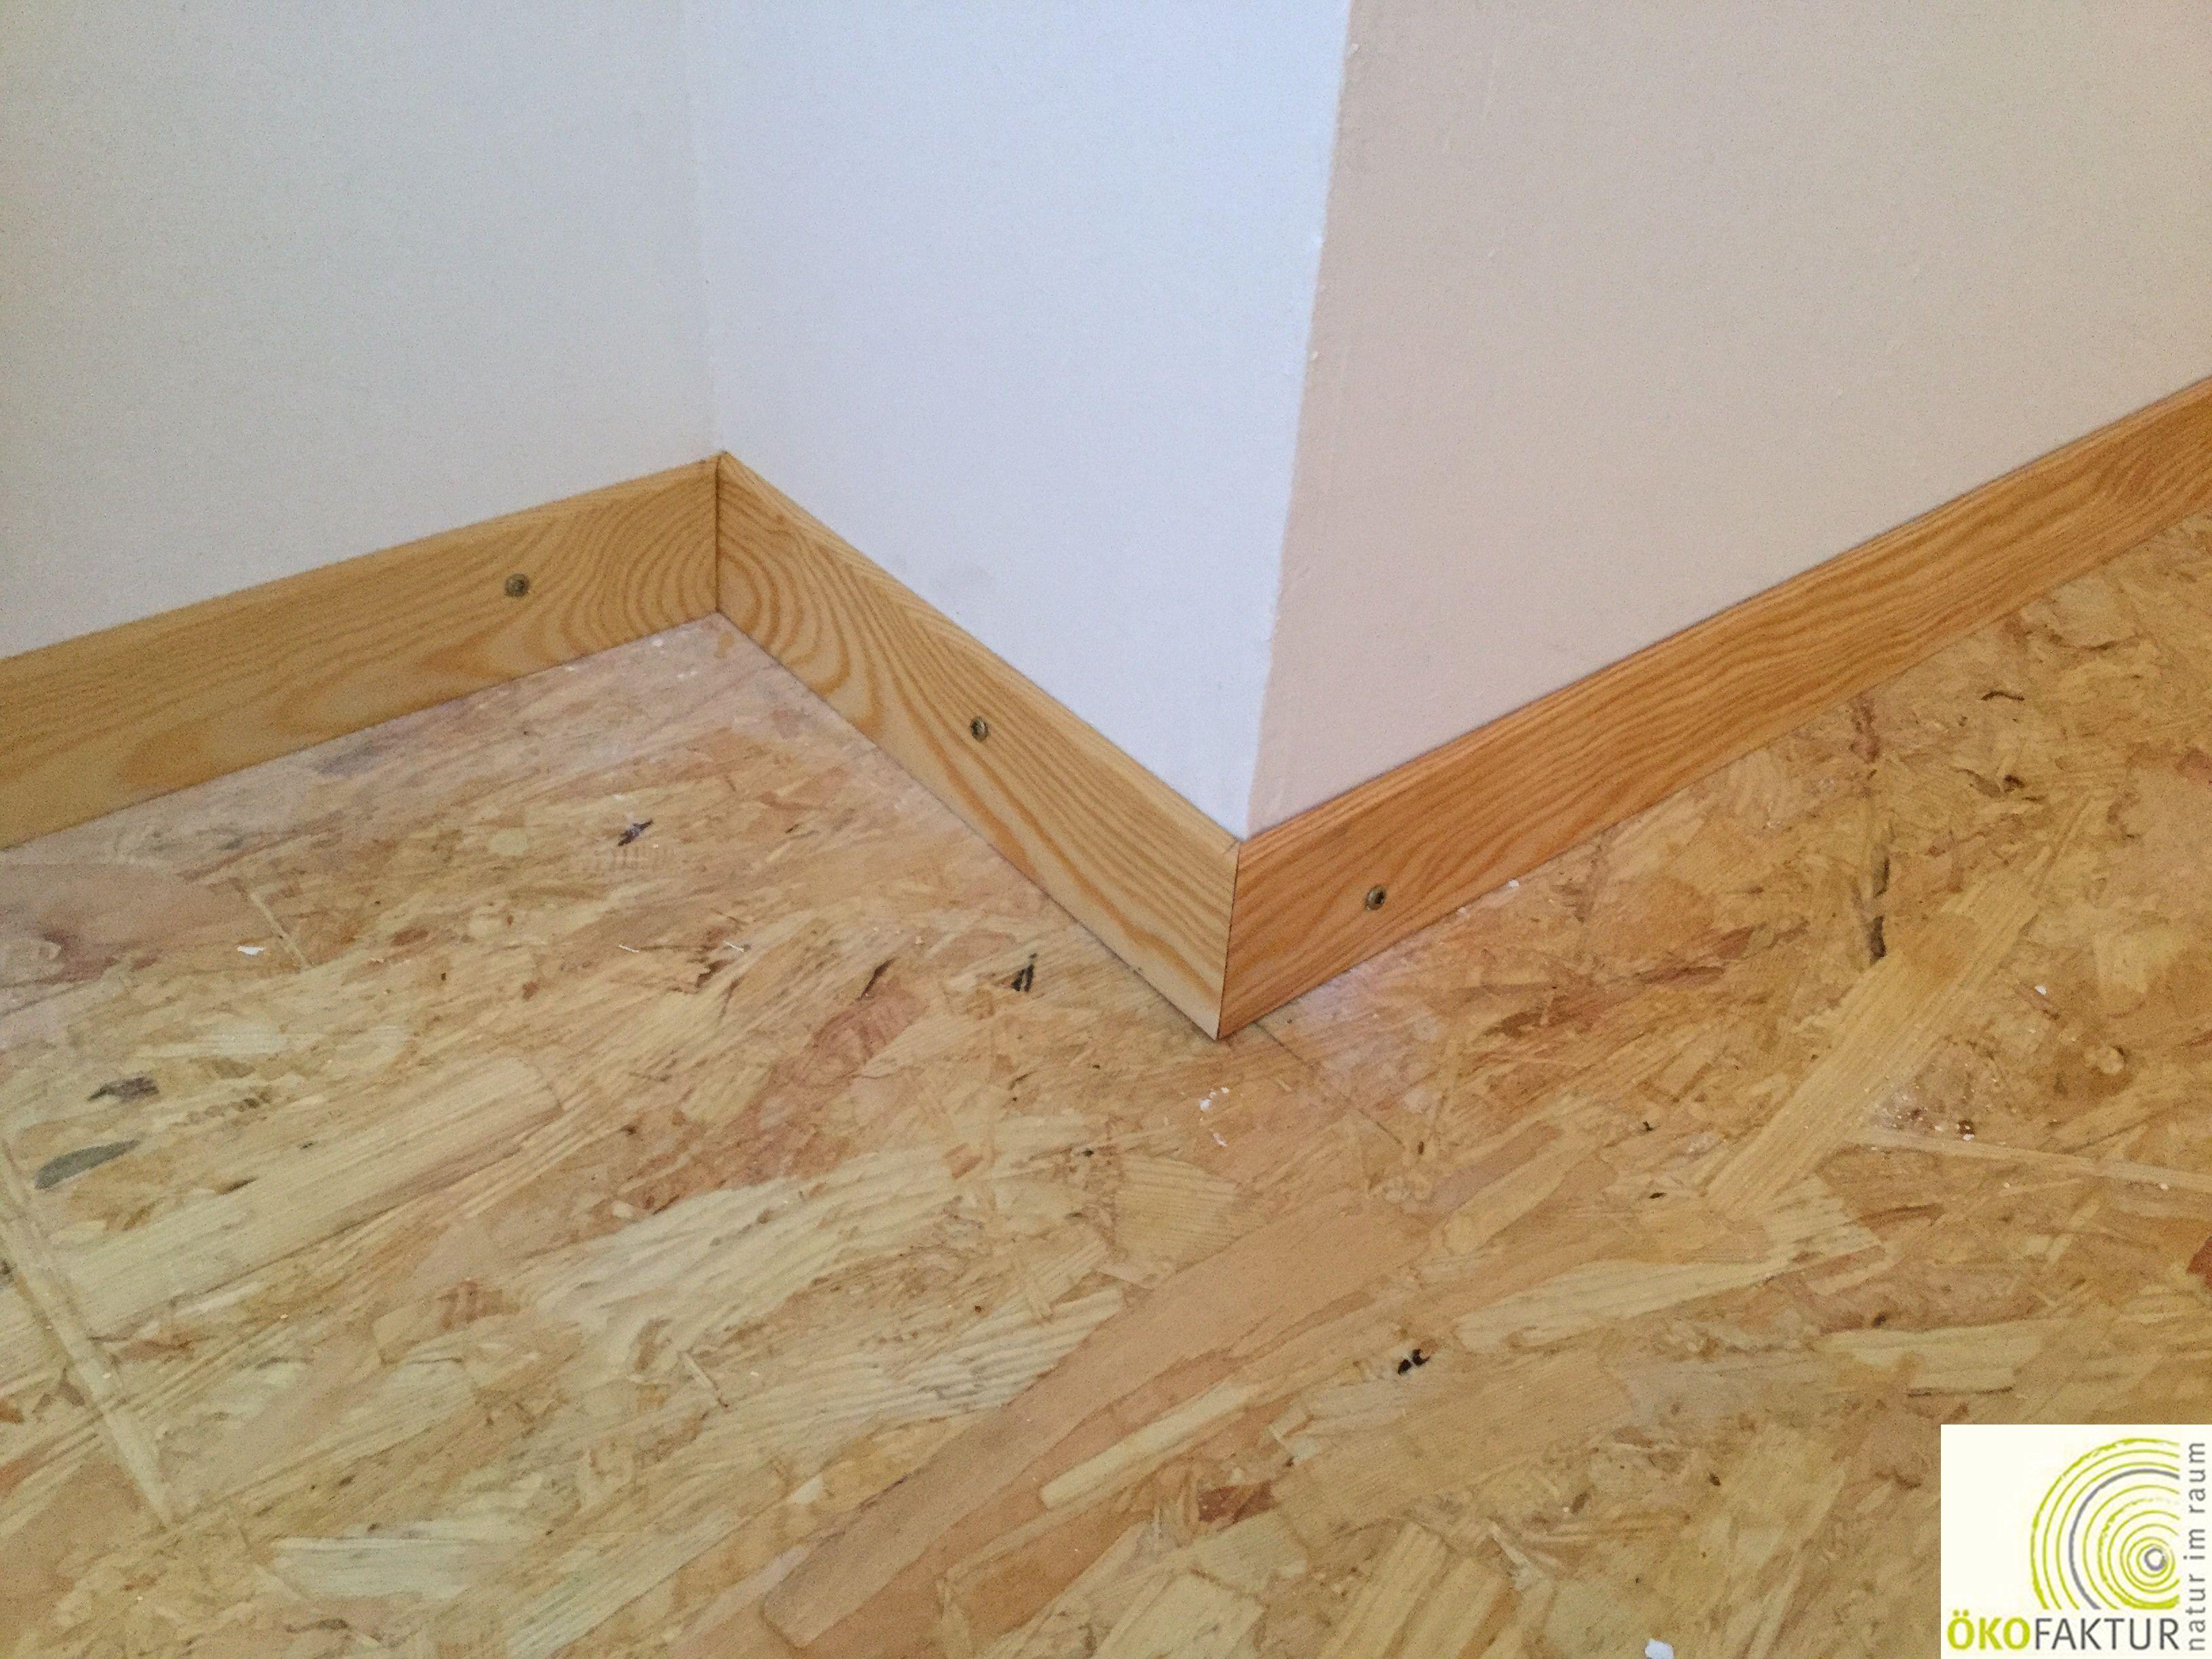 Fußboden Nachträglich Rezept ~ Fußboden osb » fussboden osb platten unterkonstruktion fur fussboden